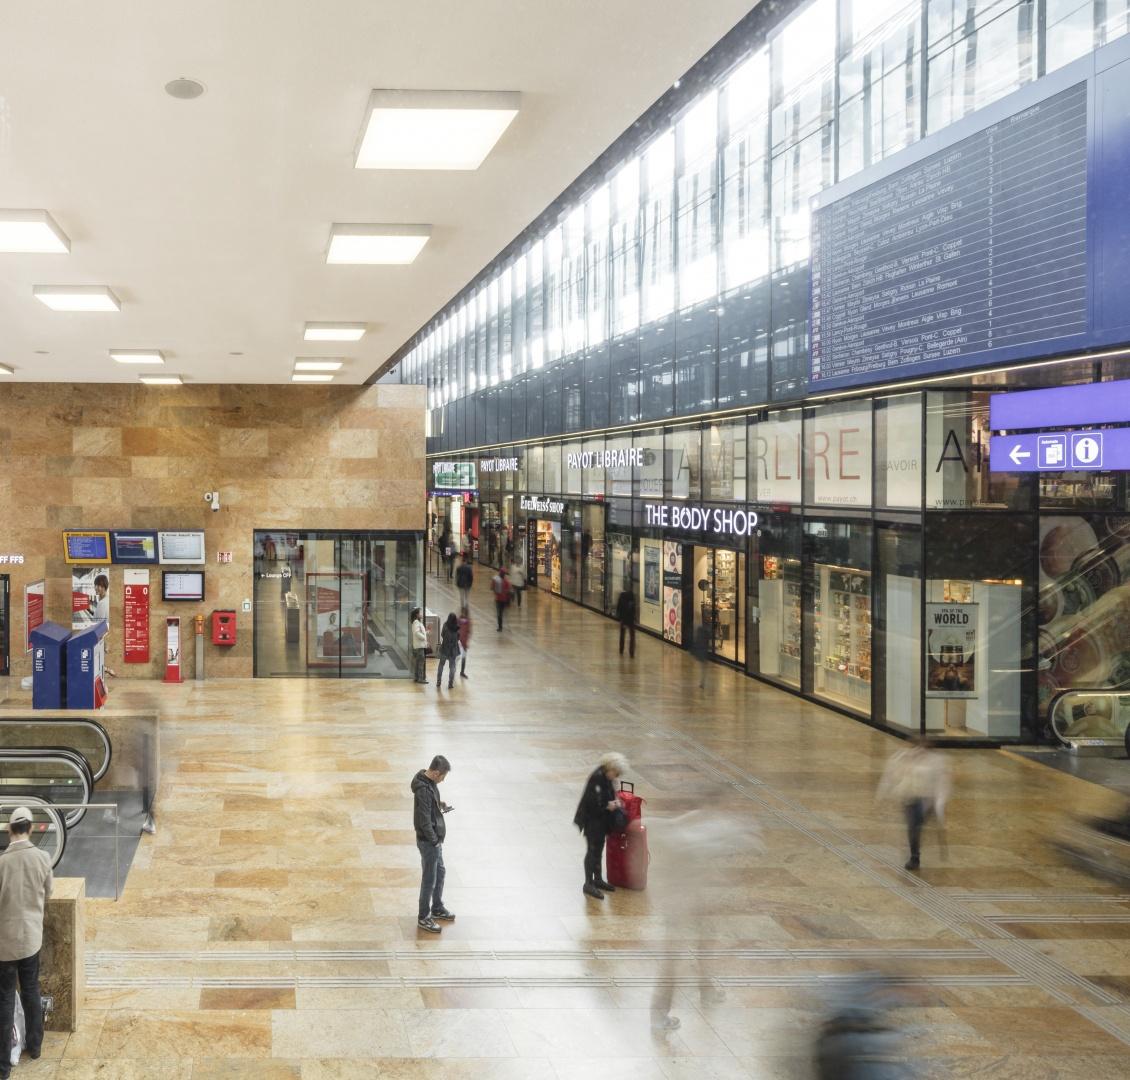 Mall mit Sicht zu den Läden © Fernando Guerra, Lisbonne